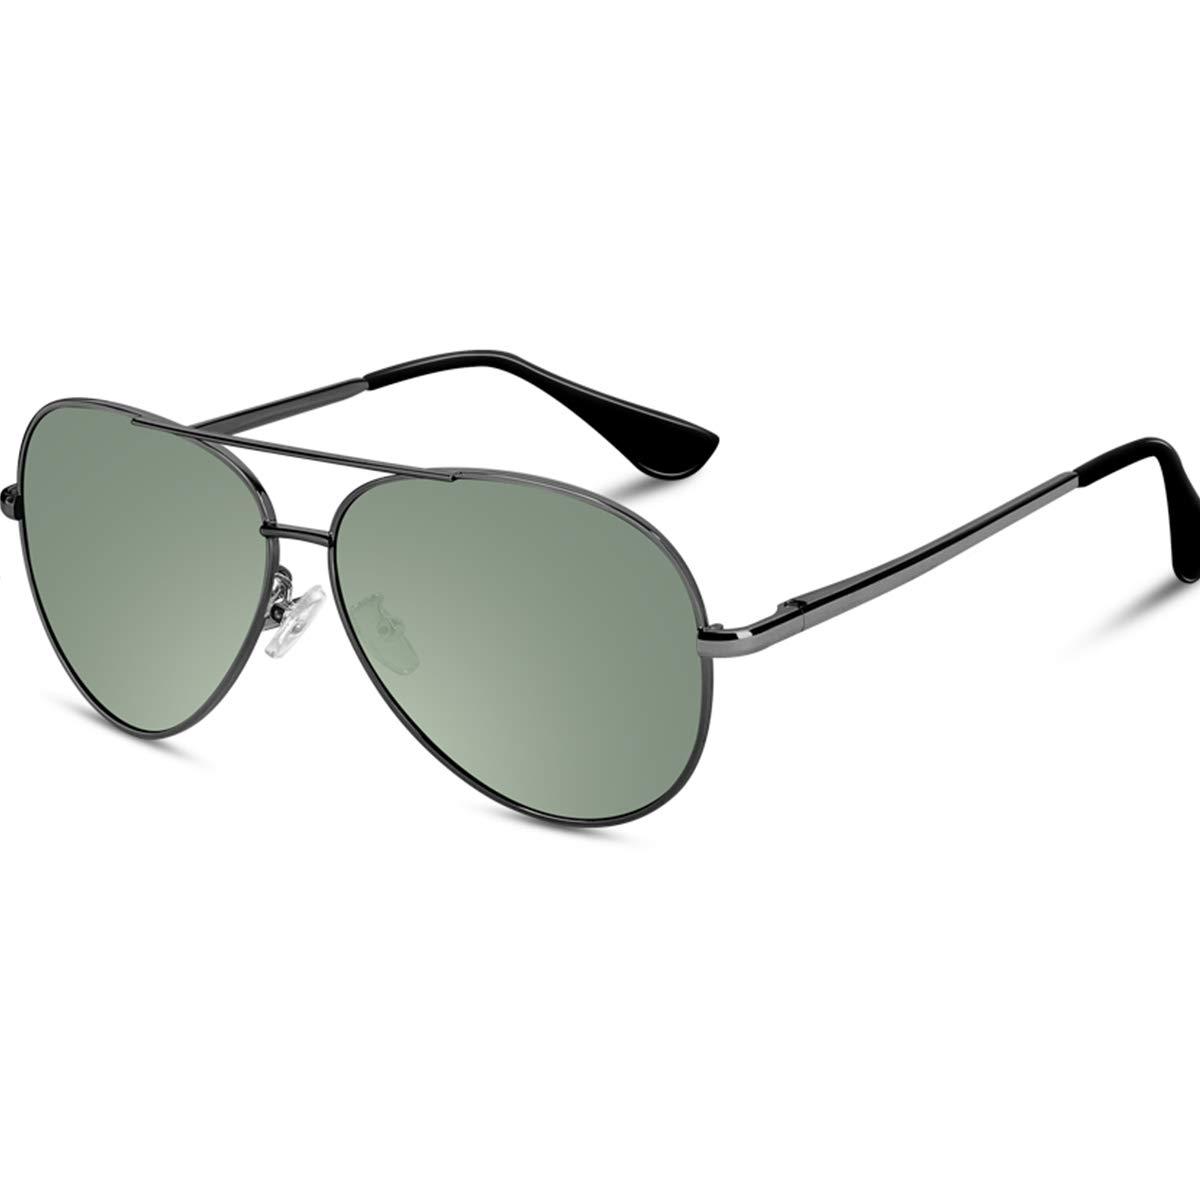 VVA Gafas de sol Hombre Polarizadas Aviador Hombres Aviador Gafas de sol Polarizadas Hombre Unisex Protección